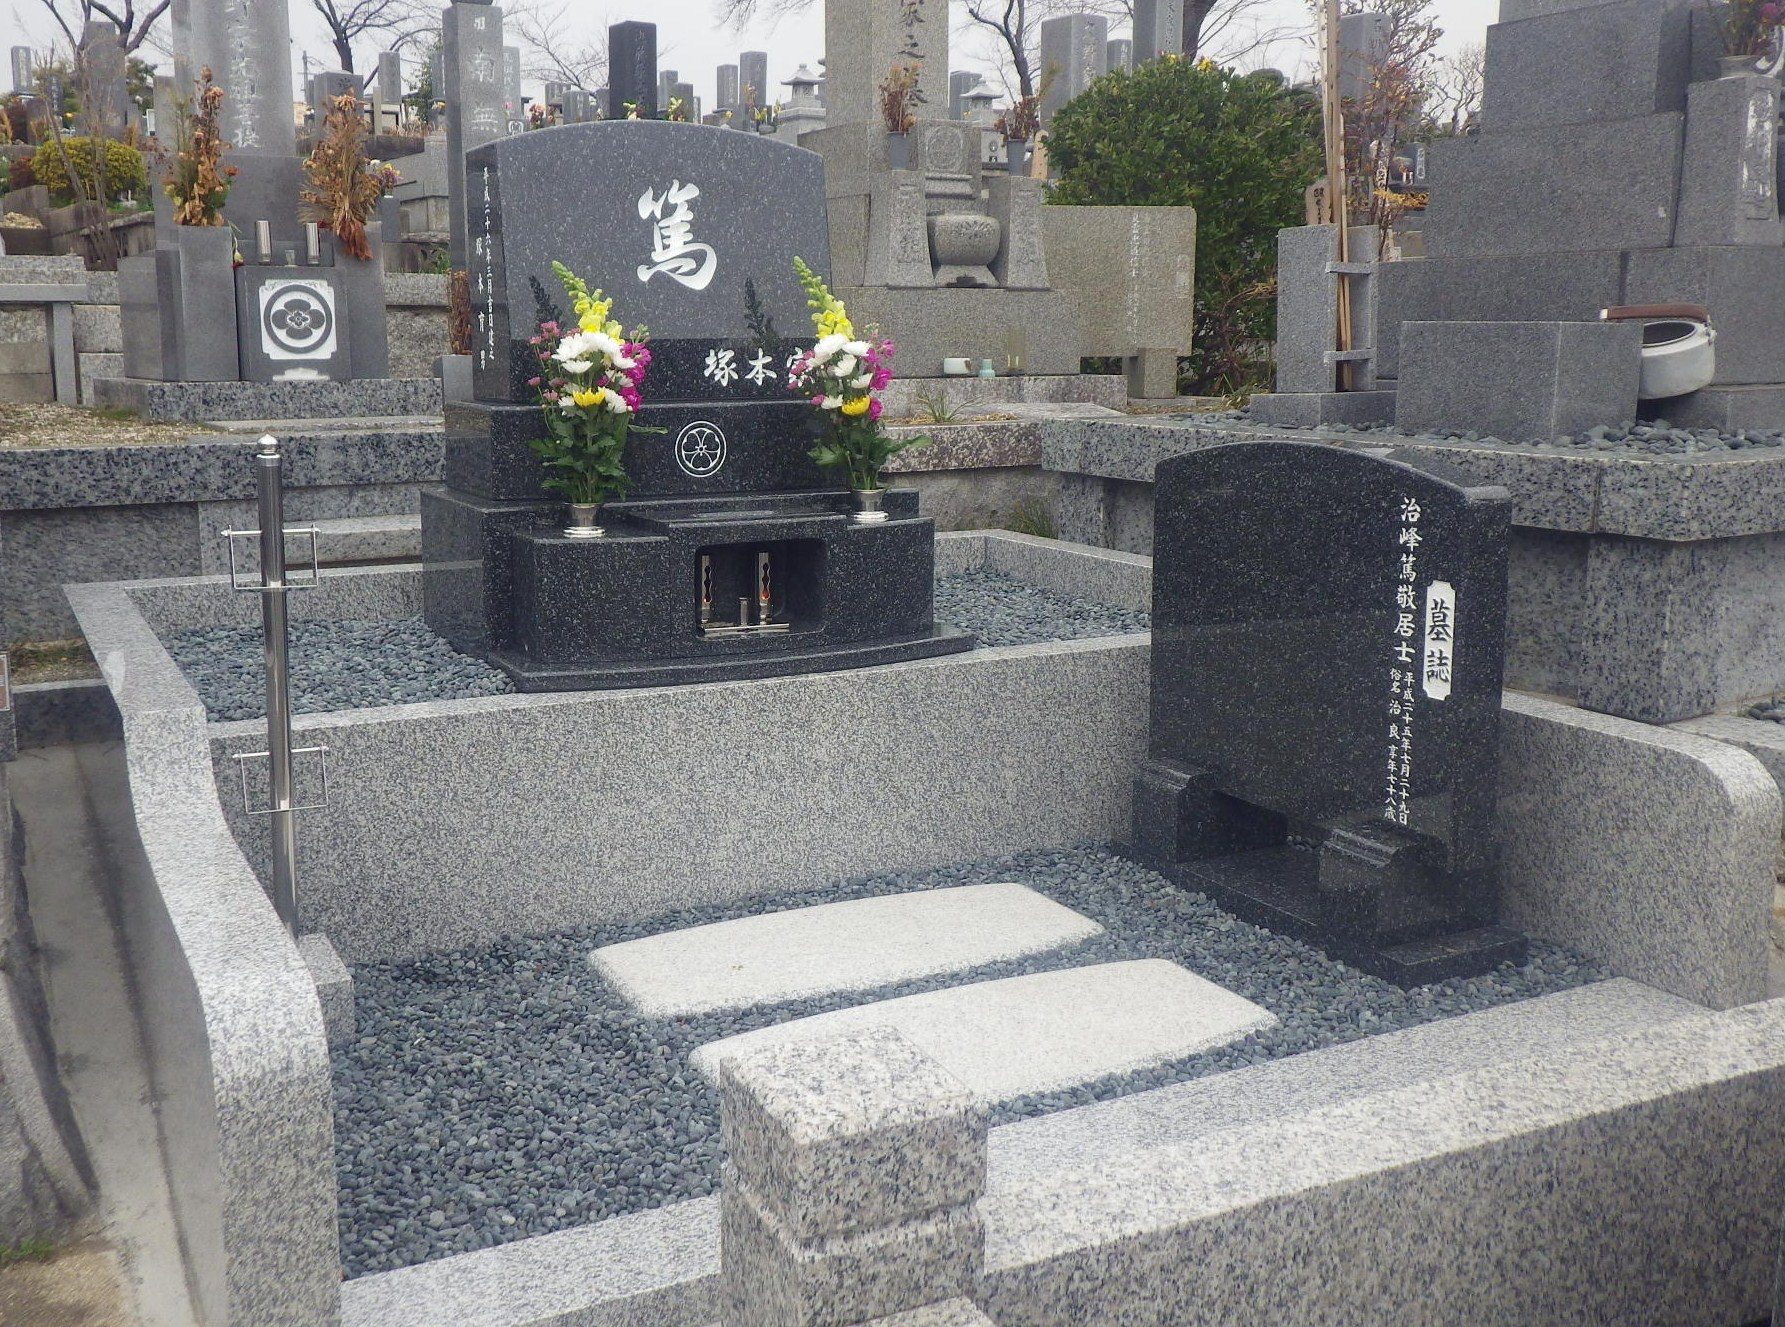 201403 ○みよし市 三好上墓地   中国産 北大青 洋型墓石 塚本育男様